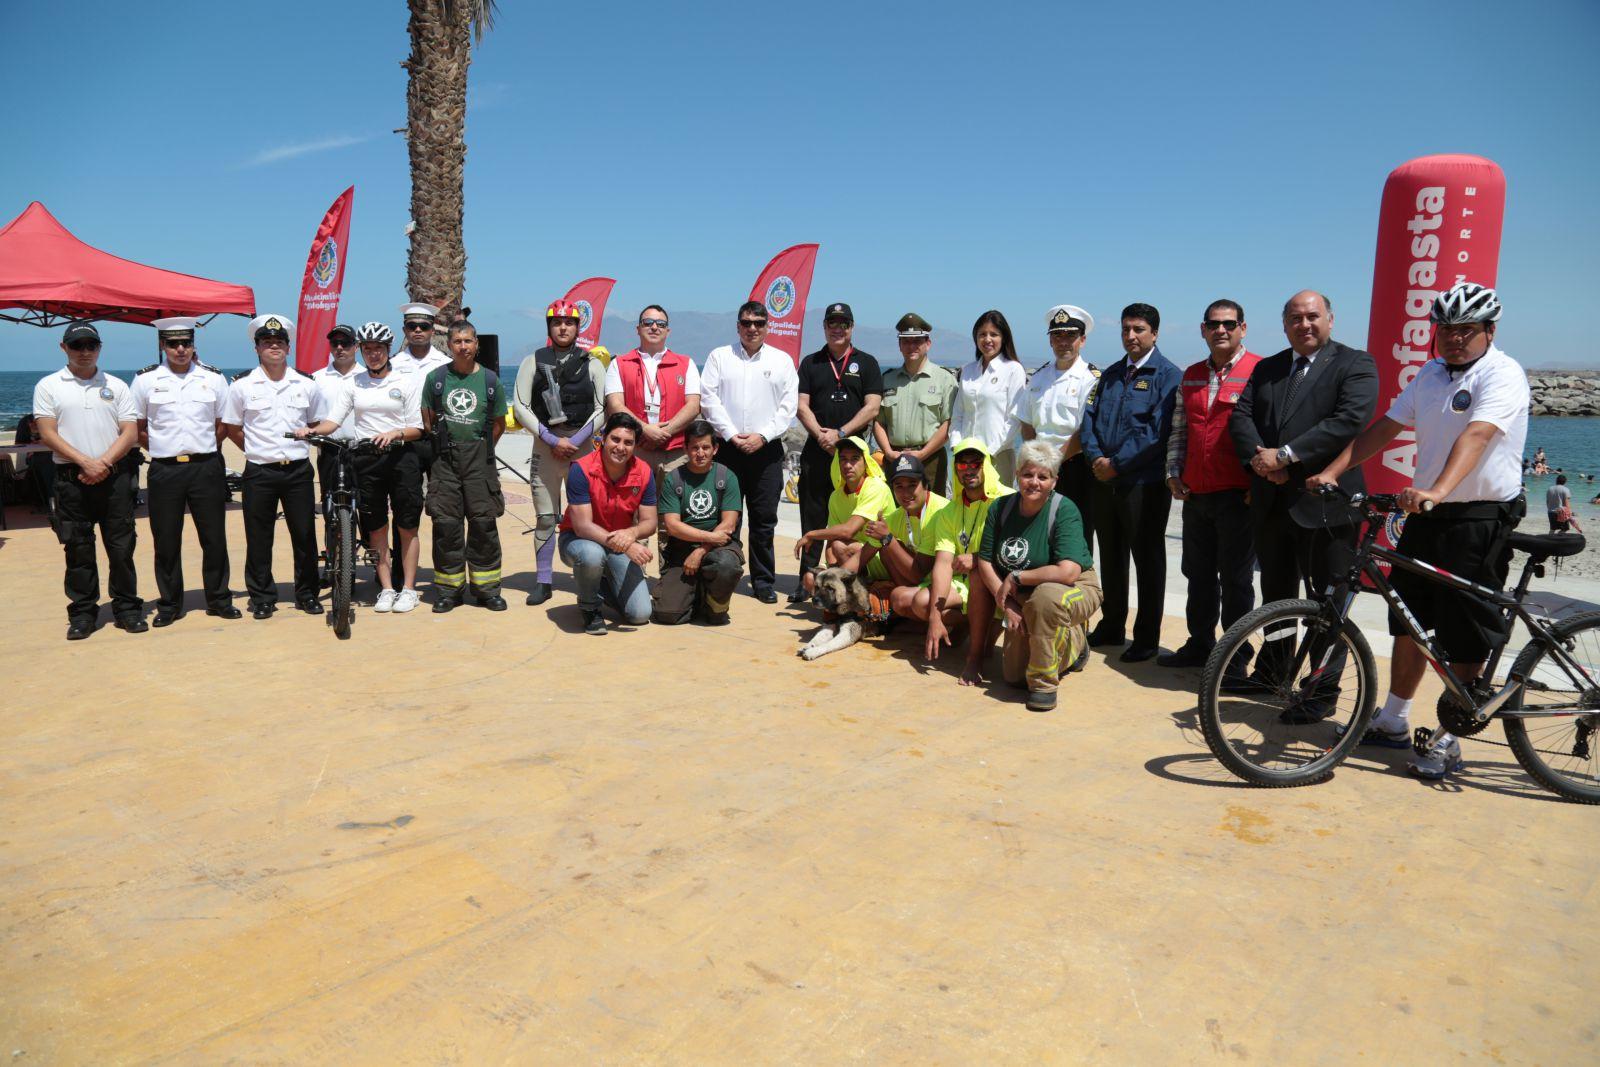 armada-y-municipalidad-de-antofagasta-inician-temporada-de-playas-2017-2018